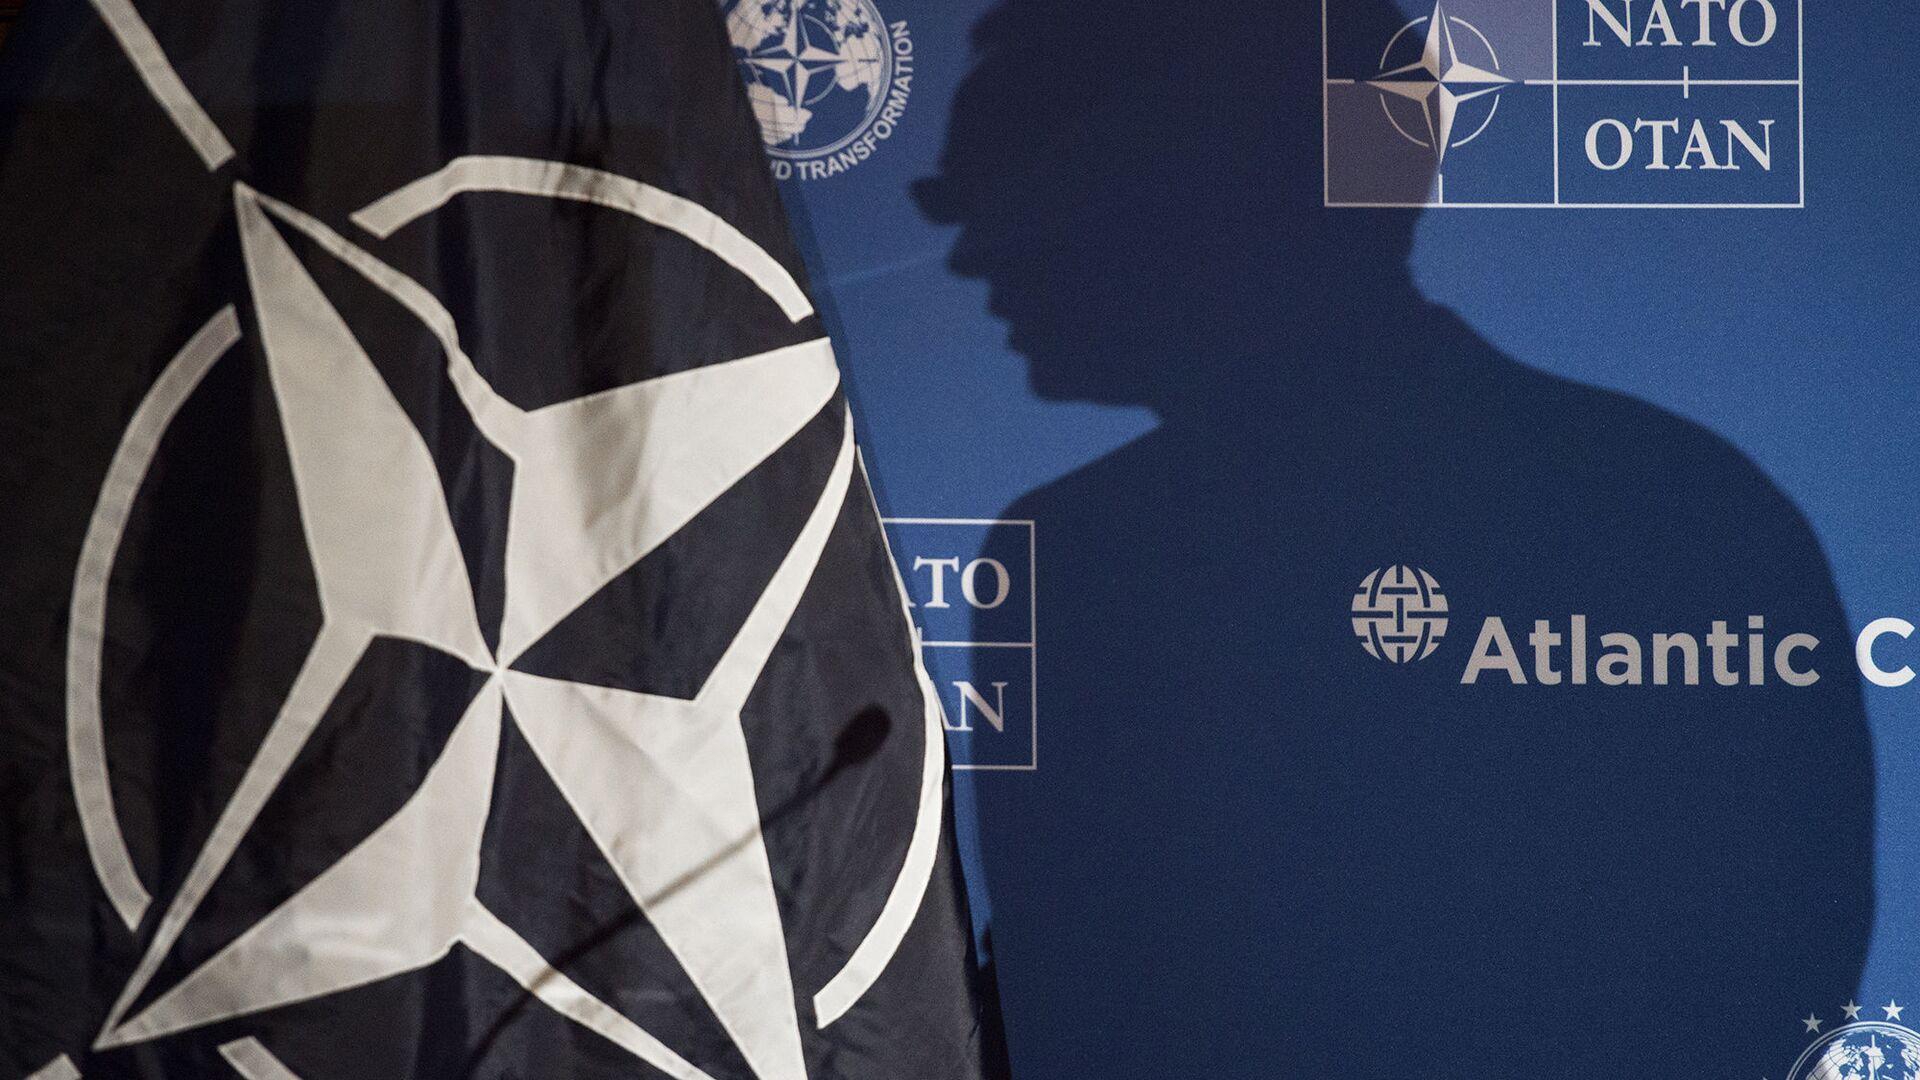 Logo de la OTAN - Sputnik Mundo, 1920, 02.02.2021